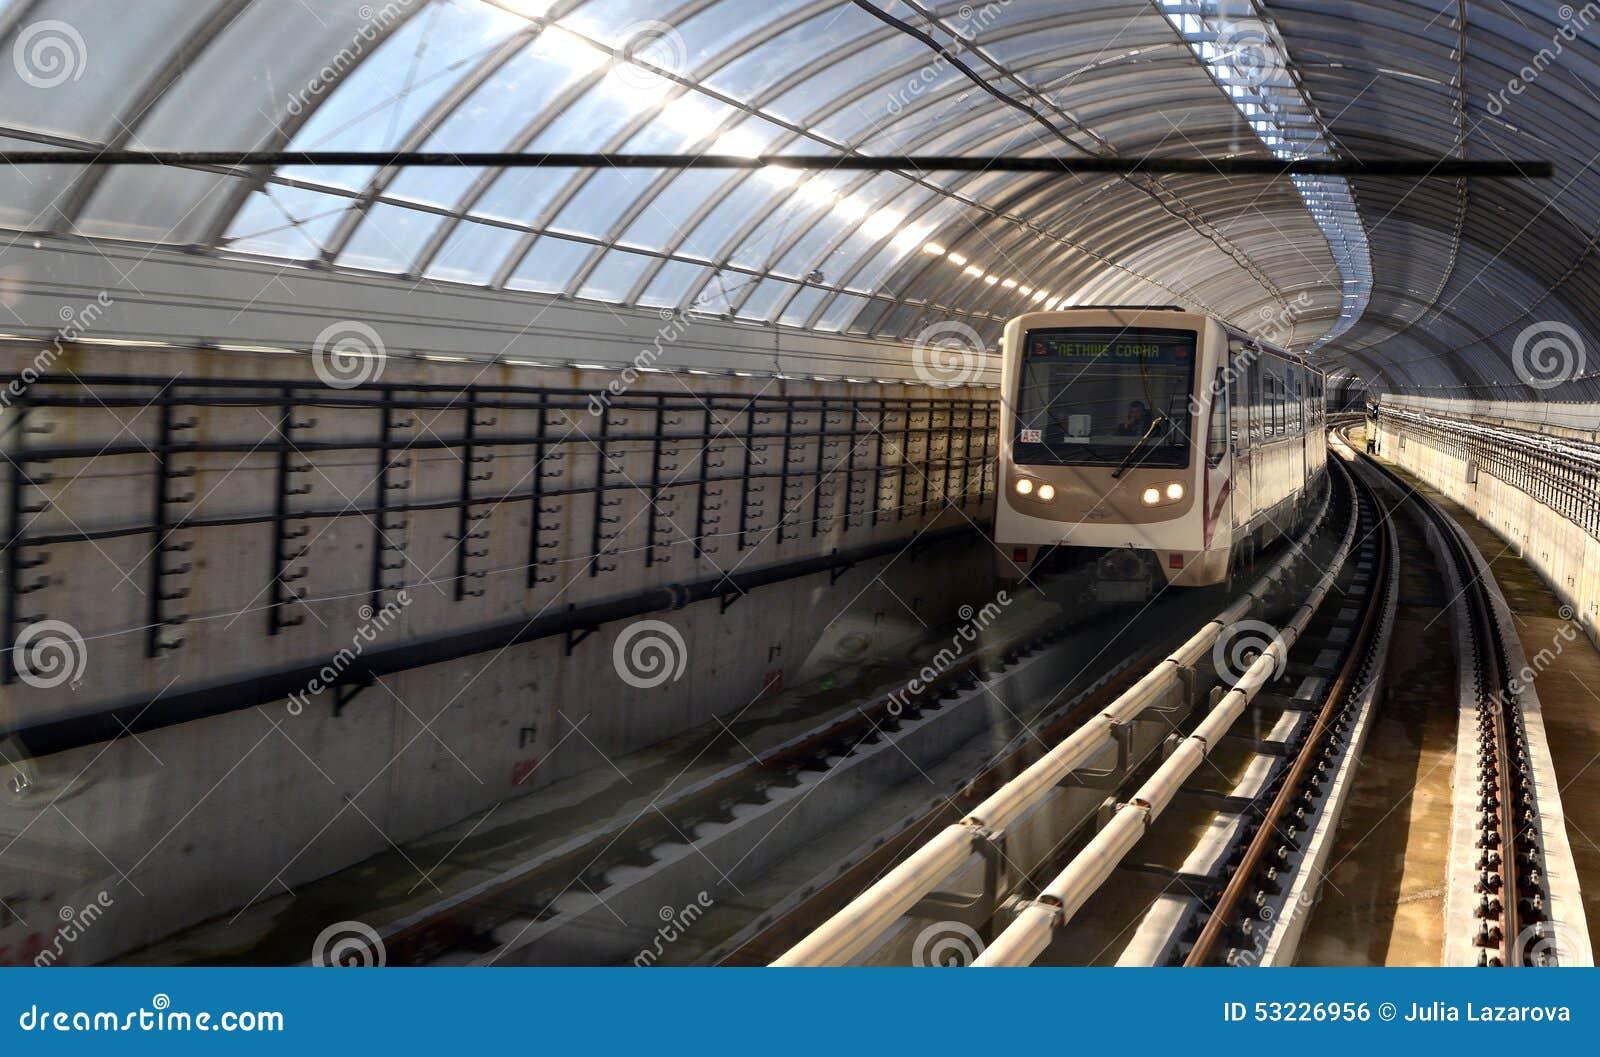 Coches de subterráneo en una estación en Sofía, Bulgaria el 2 de abril de 2015